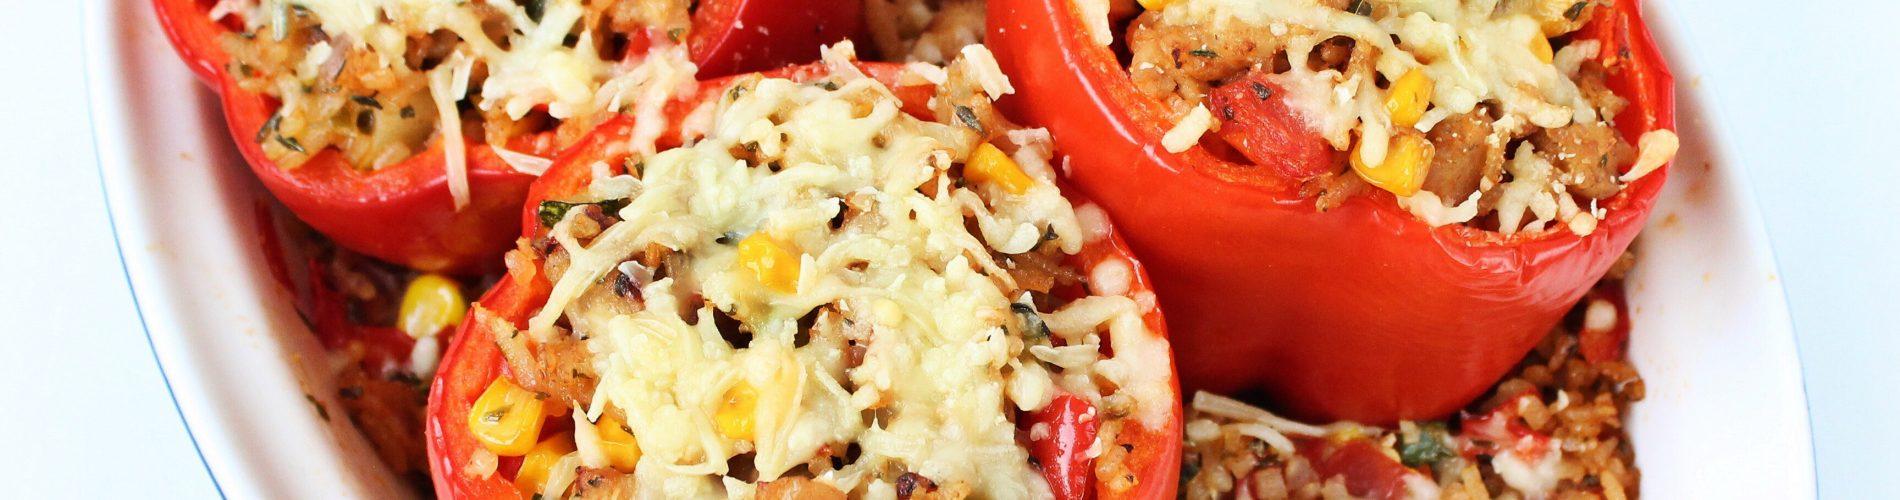 Avondeten | gevulde paprika met kipgehakt en rijst